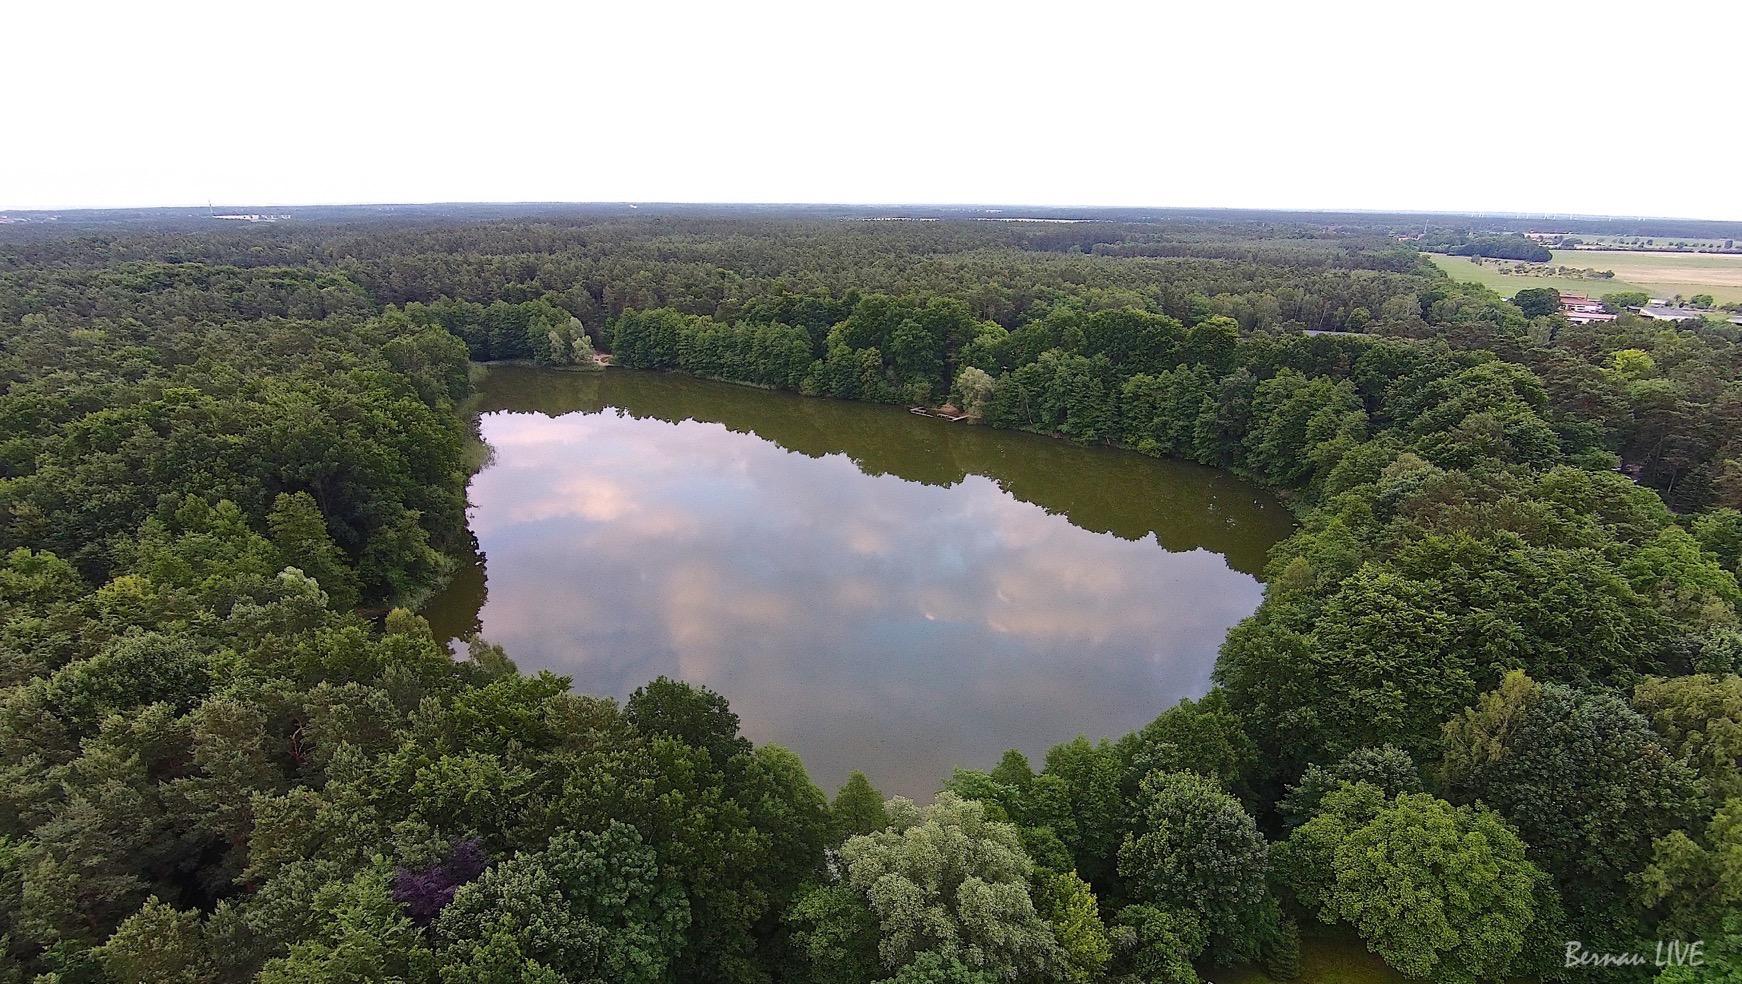 Uferwege am Mechesee wieder sauber - Frühjahrsputz in Lobetal